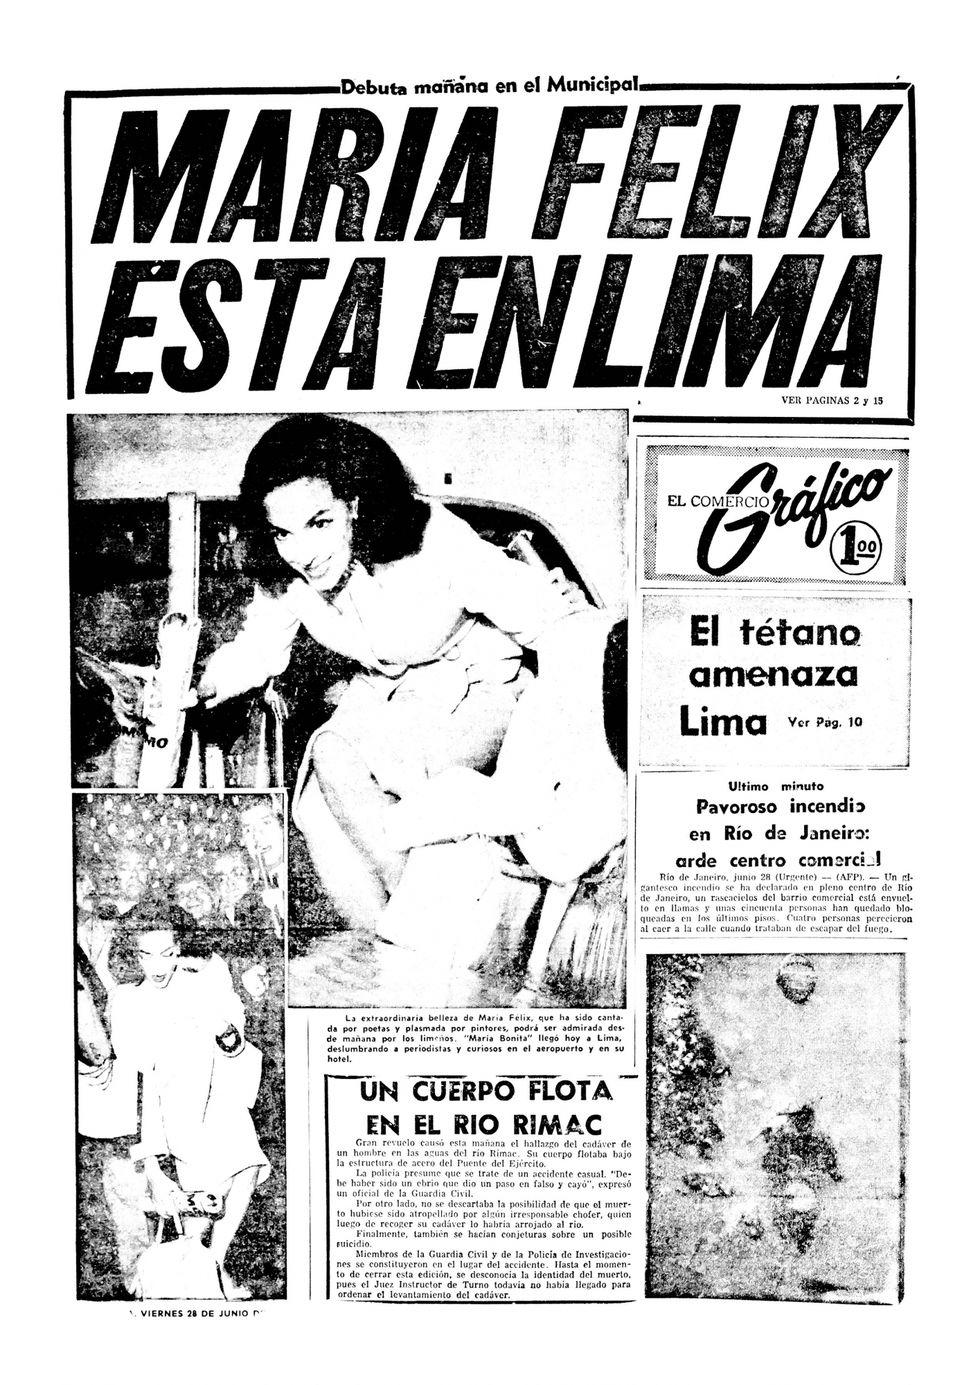 Portada de Gráfico, el periódico popular más vendido de la época también se rindió ante los encantos de 'María bonita'. (Foto: Edición del 29 de junio de 1963)